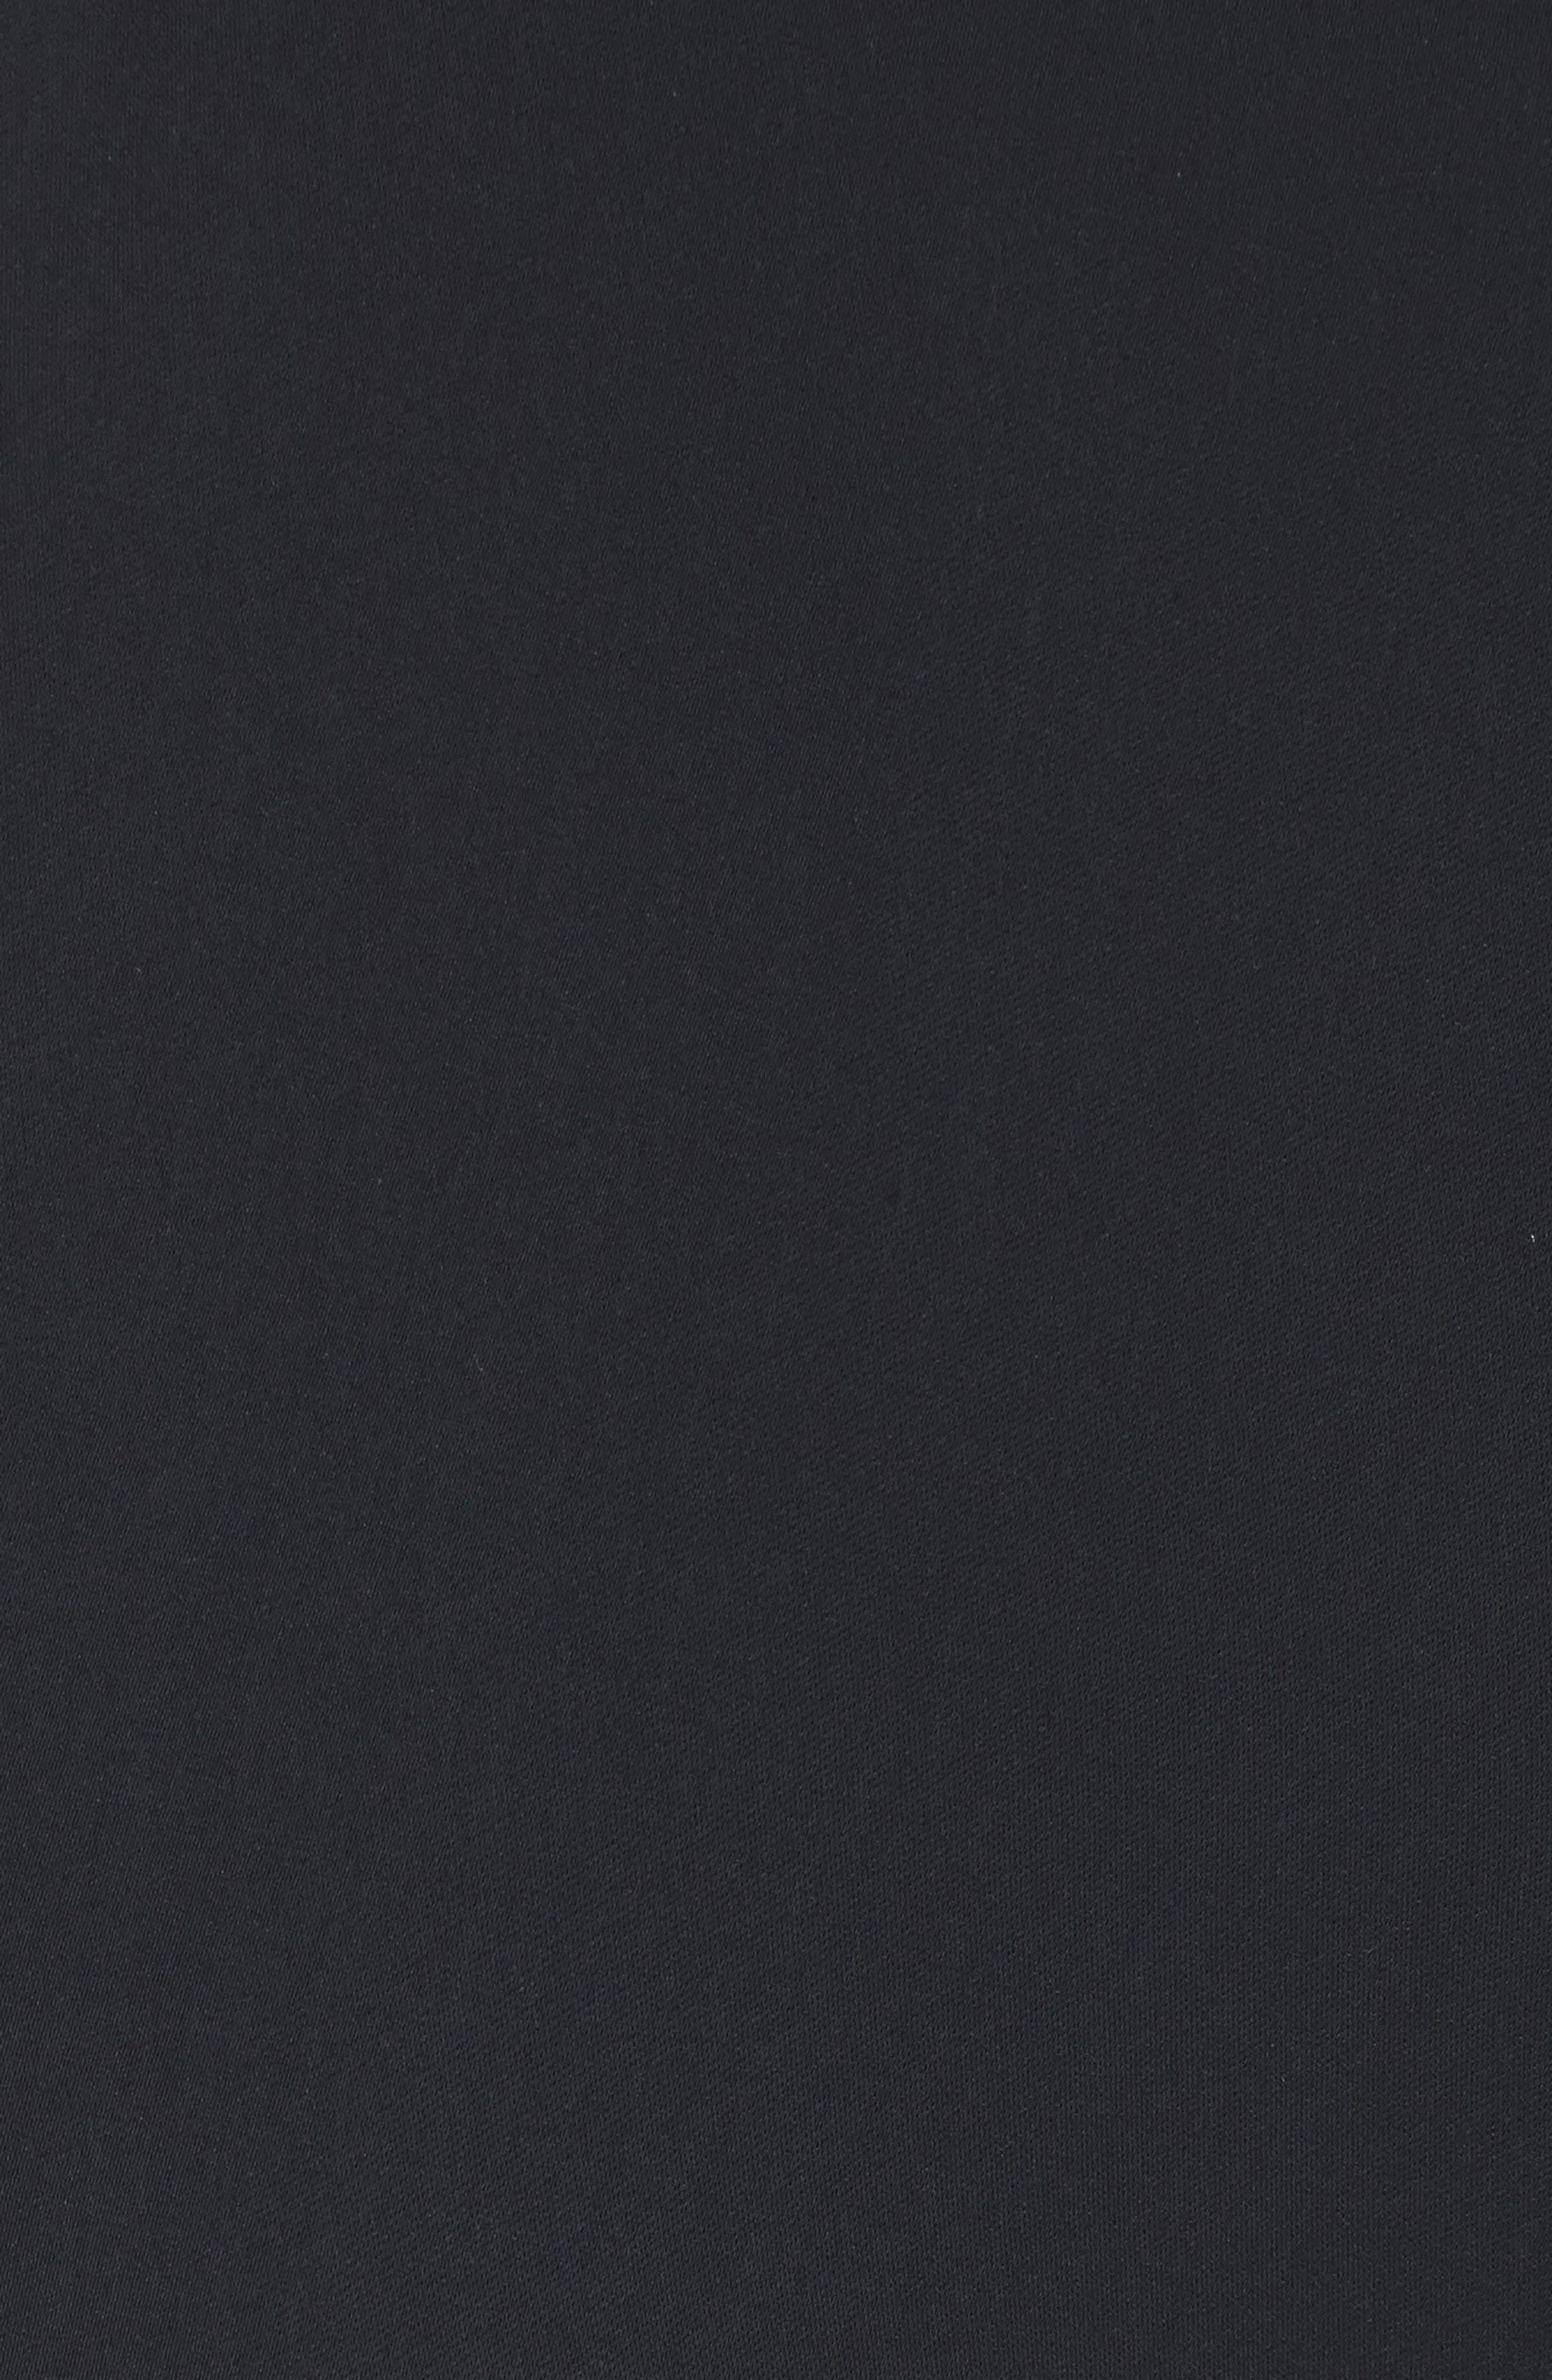 Addison Asymmetrical Jumpsuit,                             Alternate thumbnail 5, color,                             001